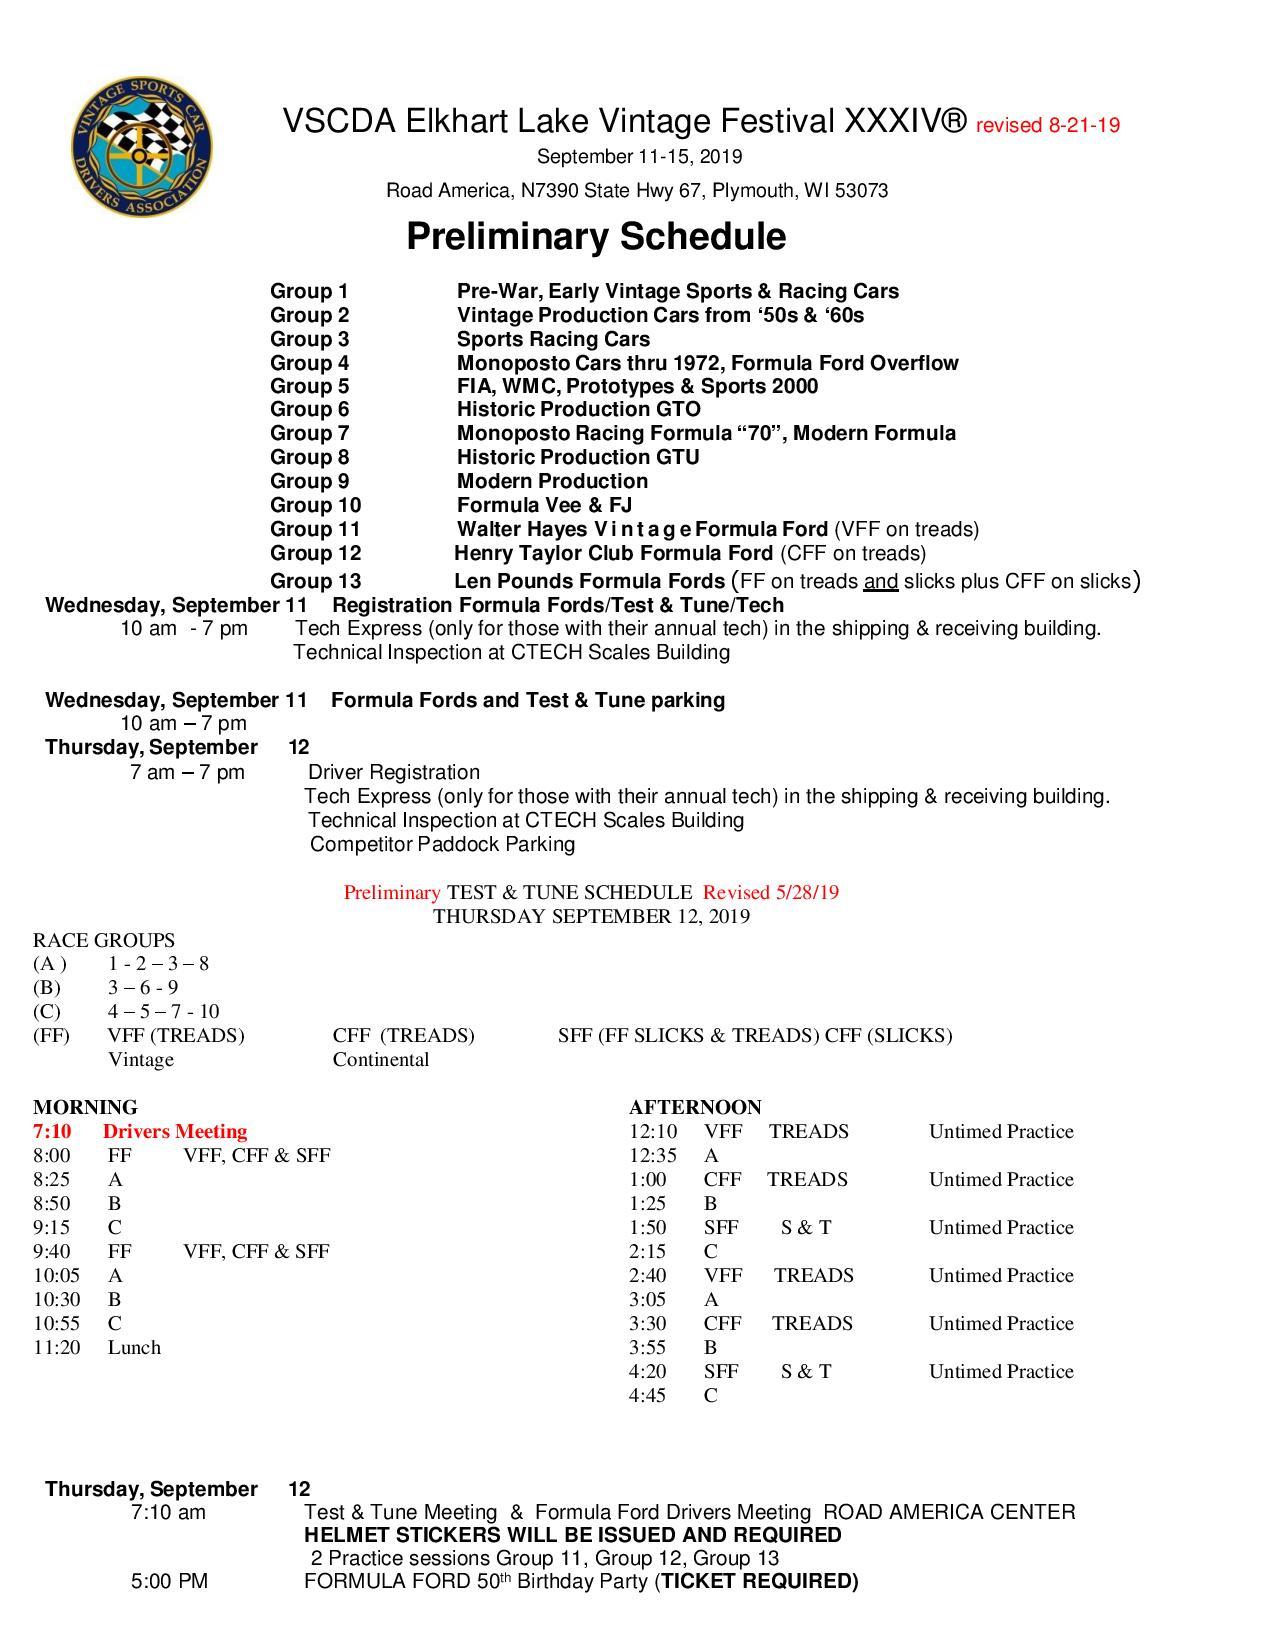 ELVF schedule